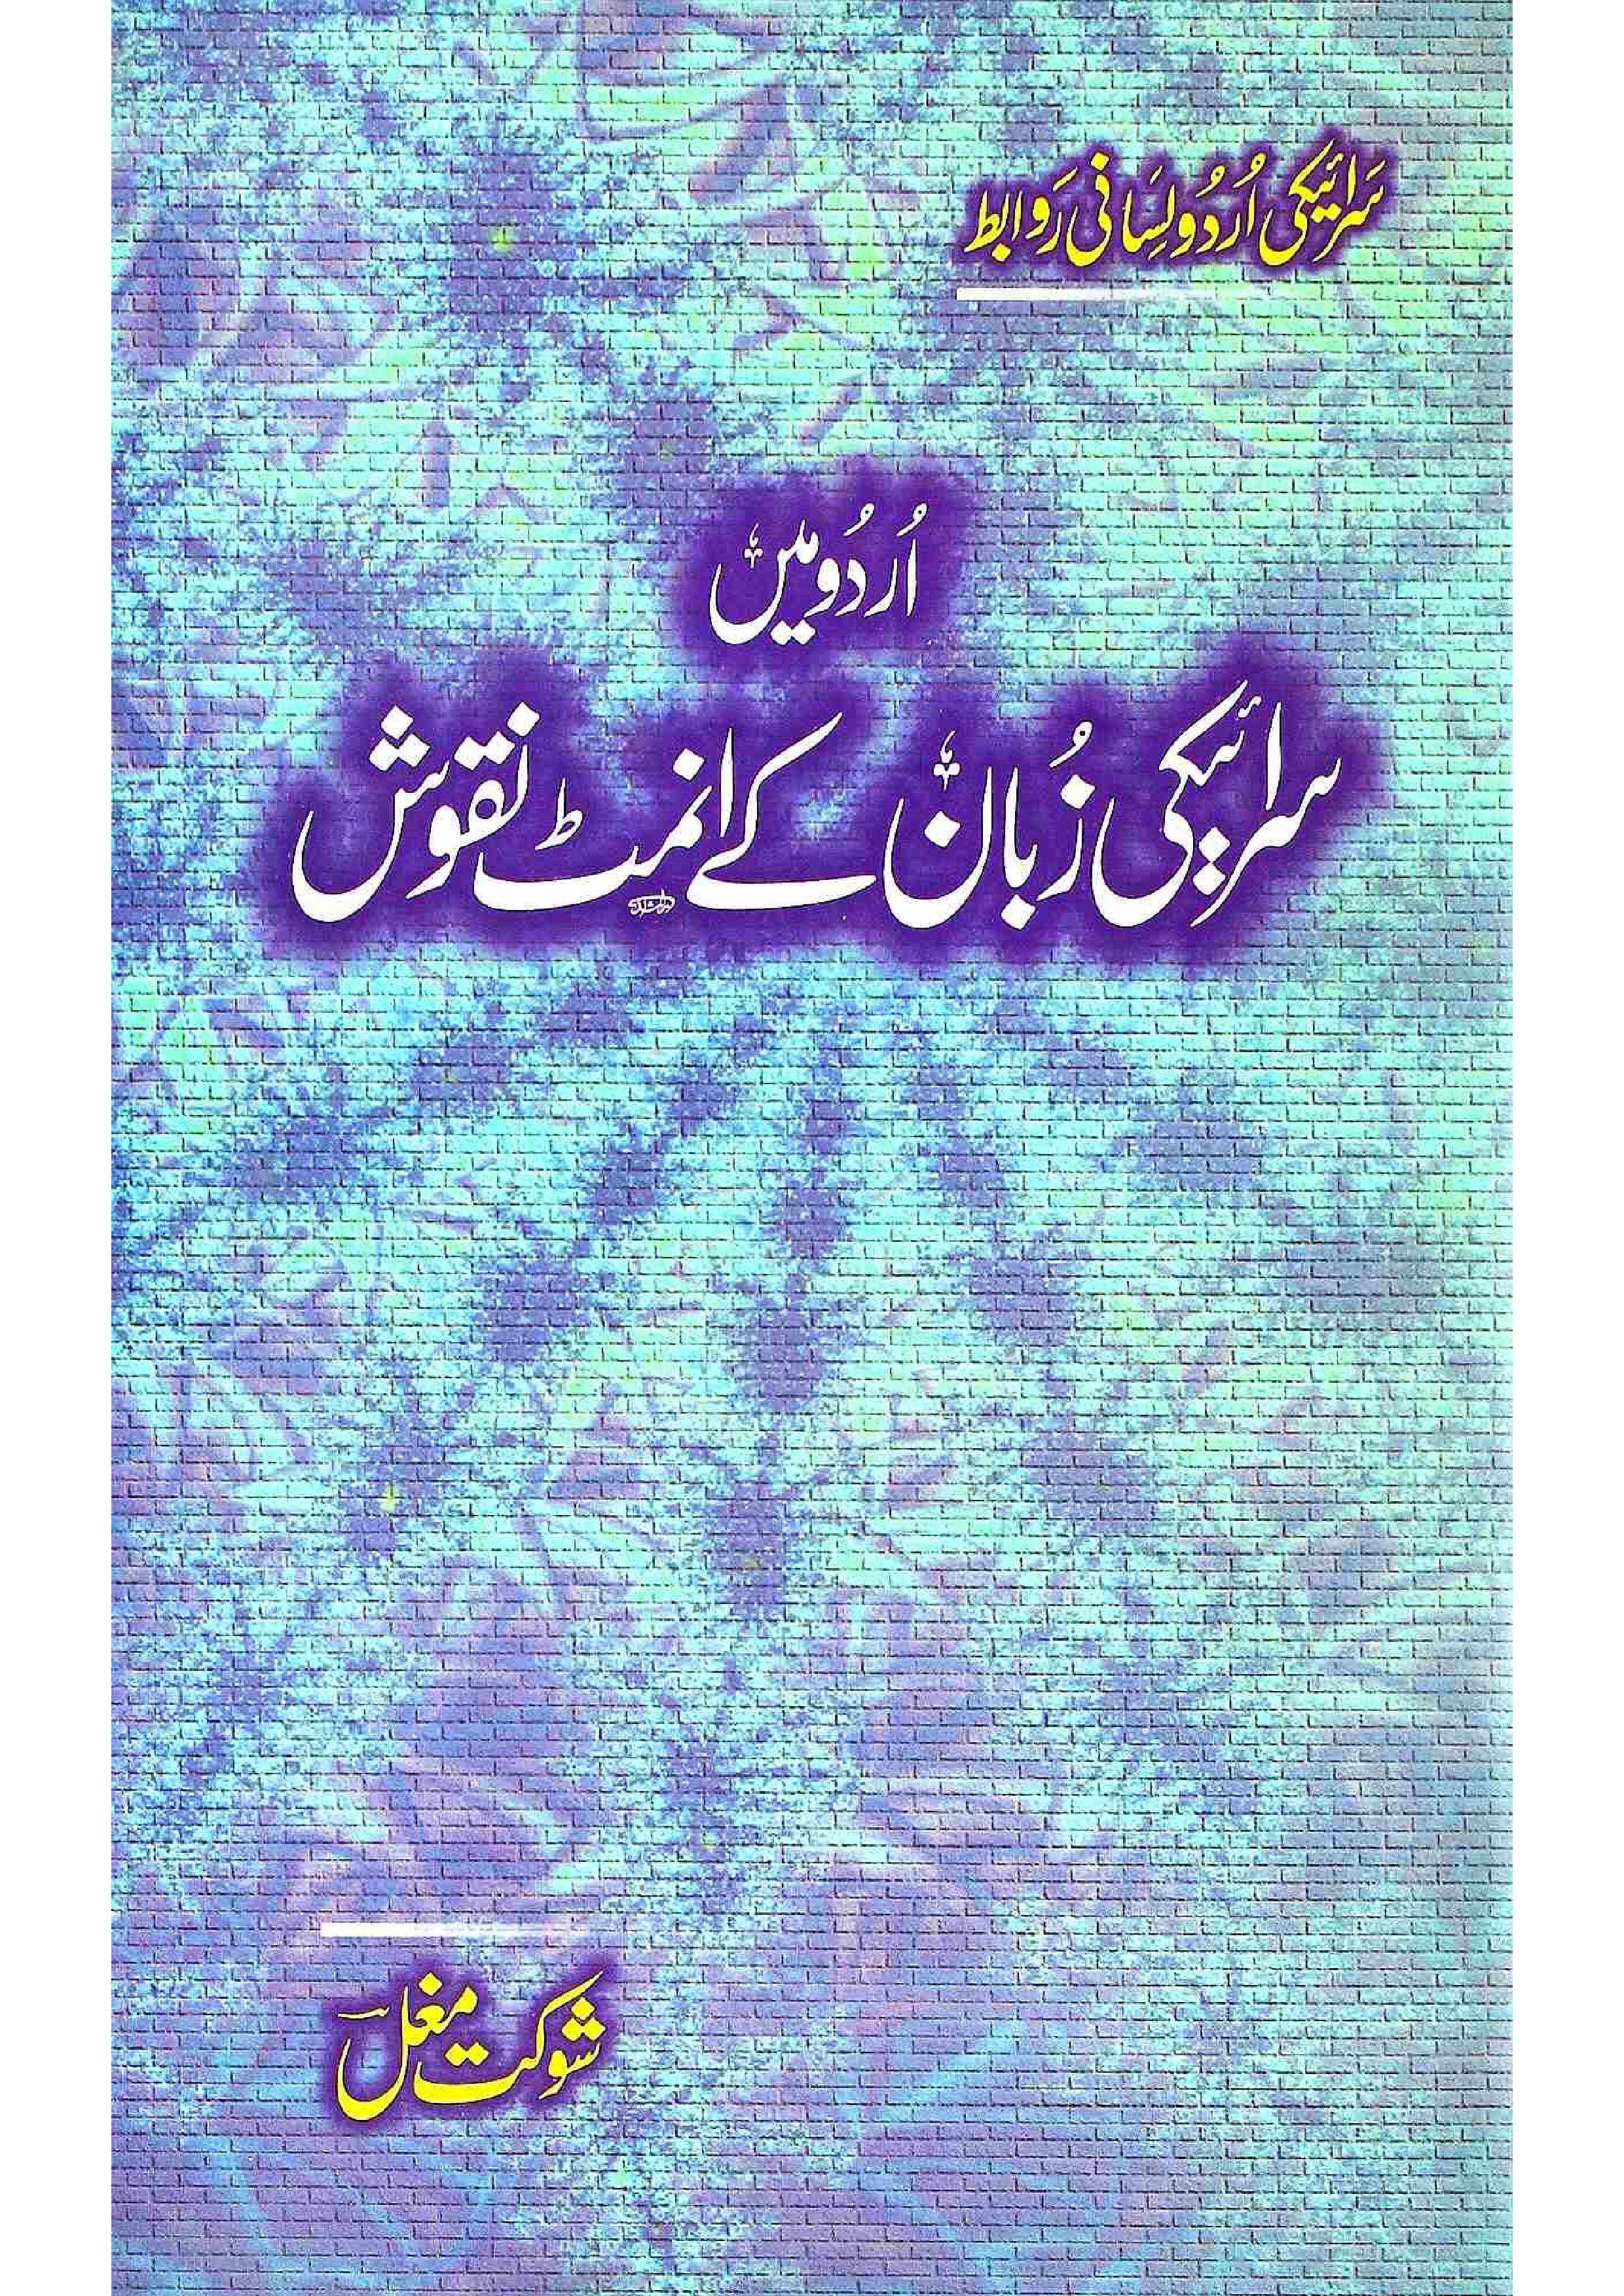 Urdu Mein Seraiki Zuban Ke Unmit Nuqoosh